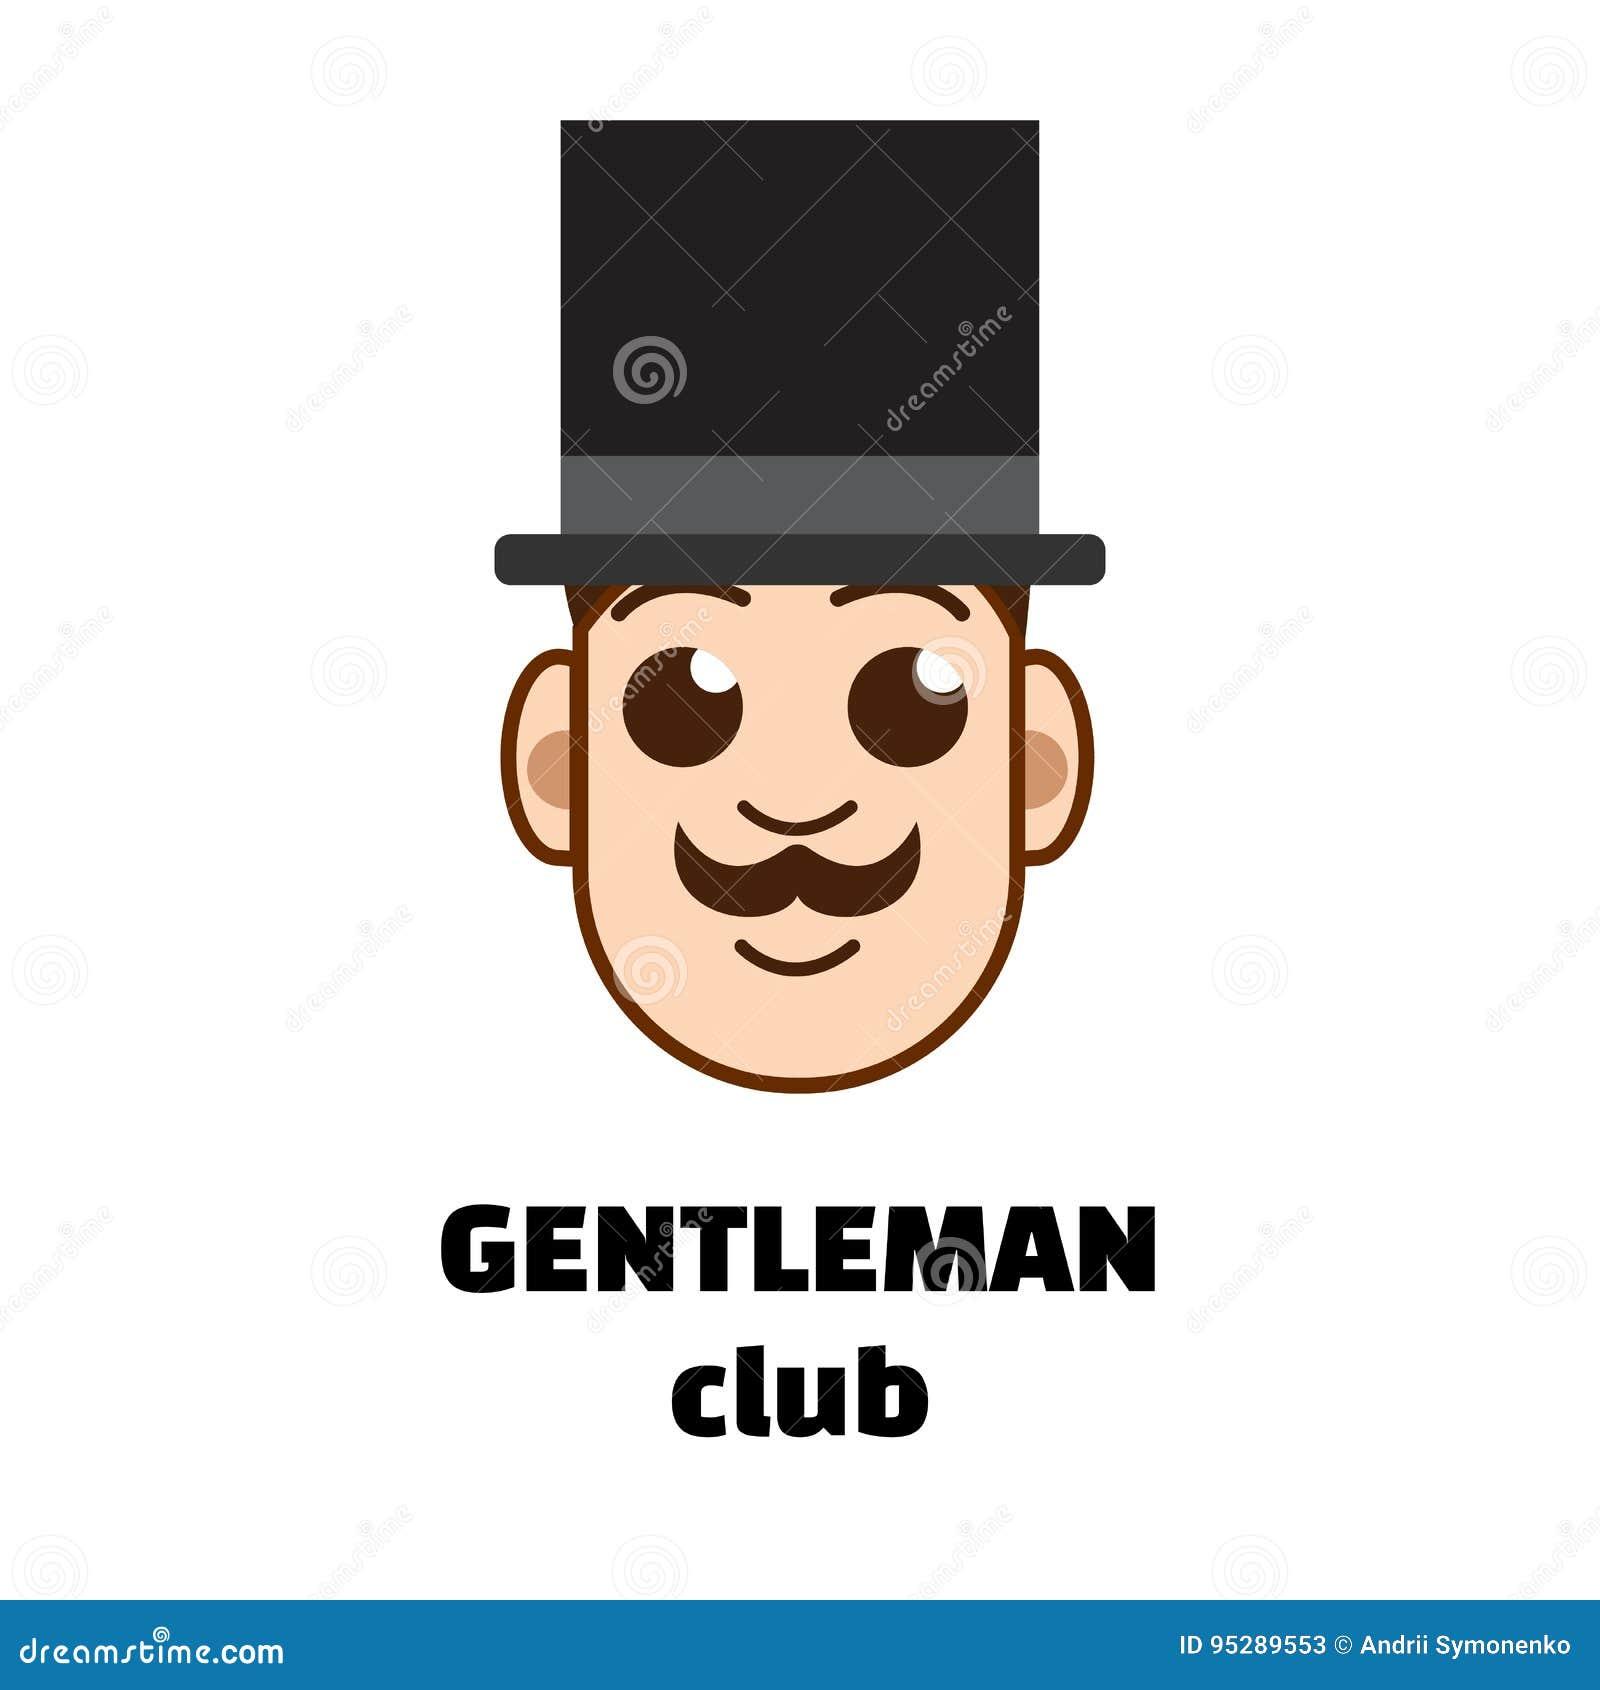 57a55b1fe68 Gentleman Club Logo. Vector Illustration Stock Vector - Illustration ...